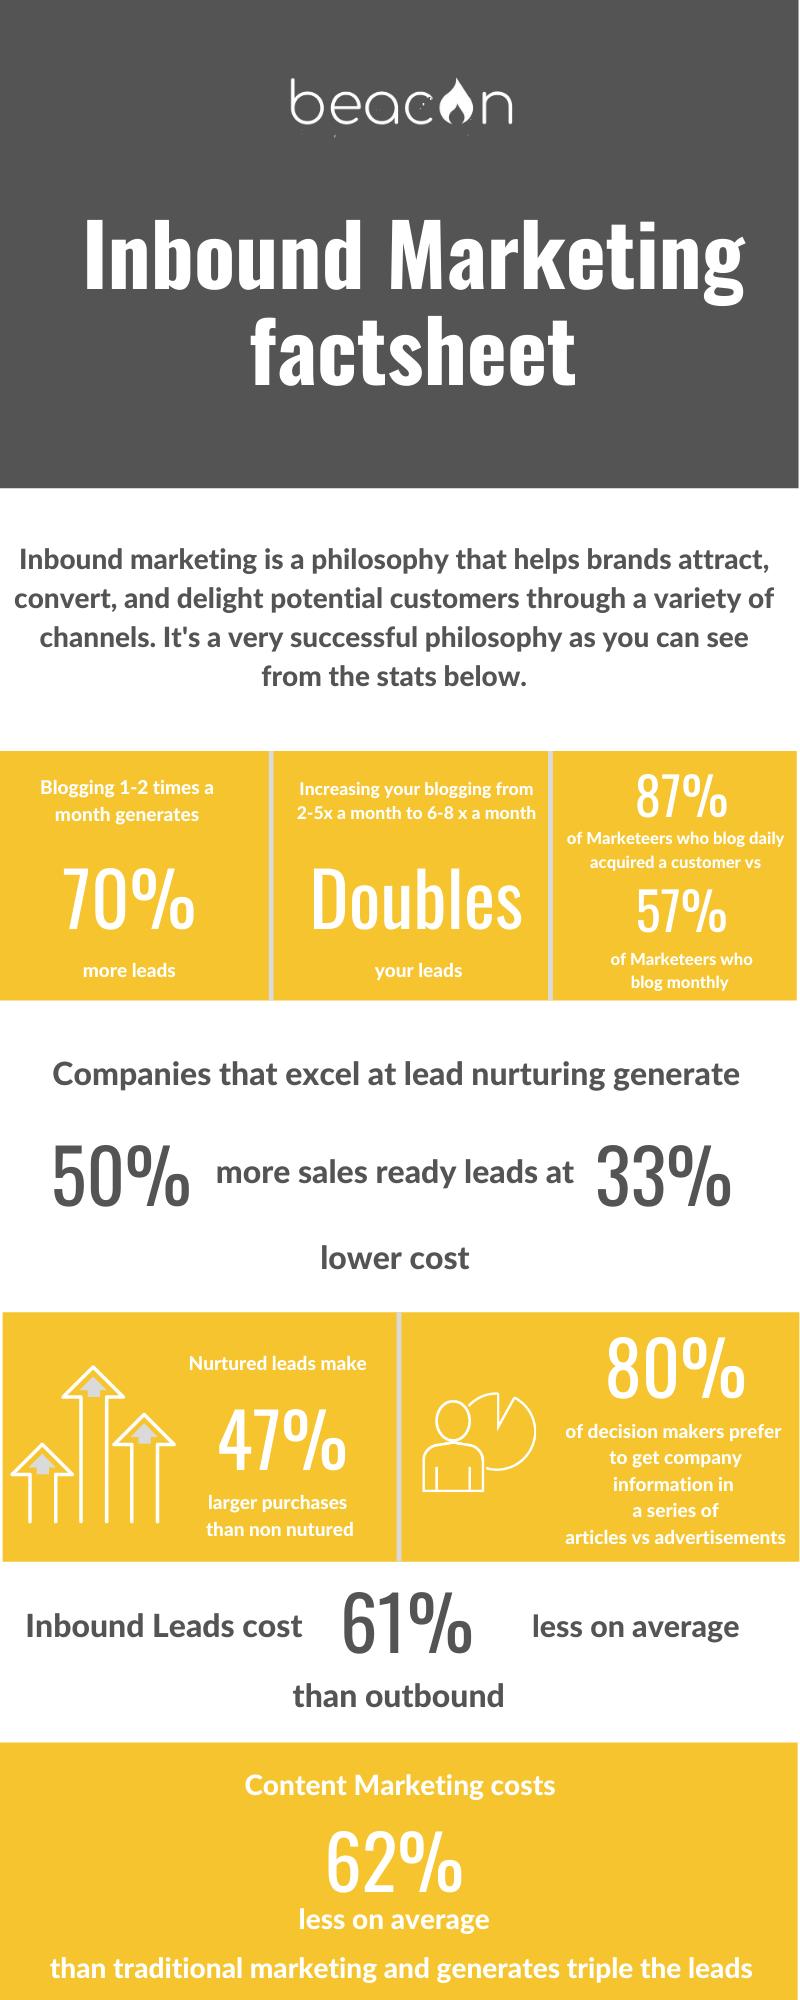 Our Inbound Marketing Factsheet